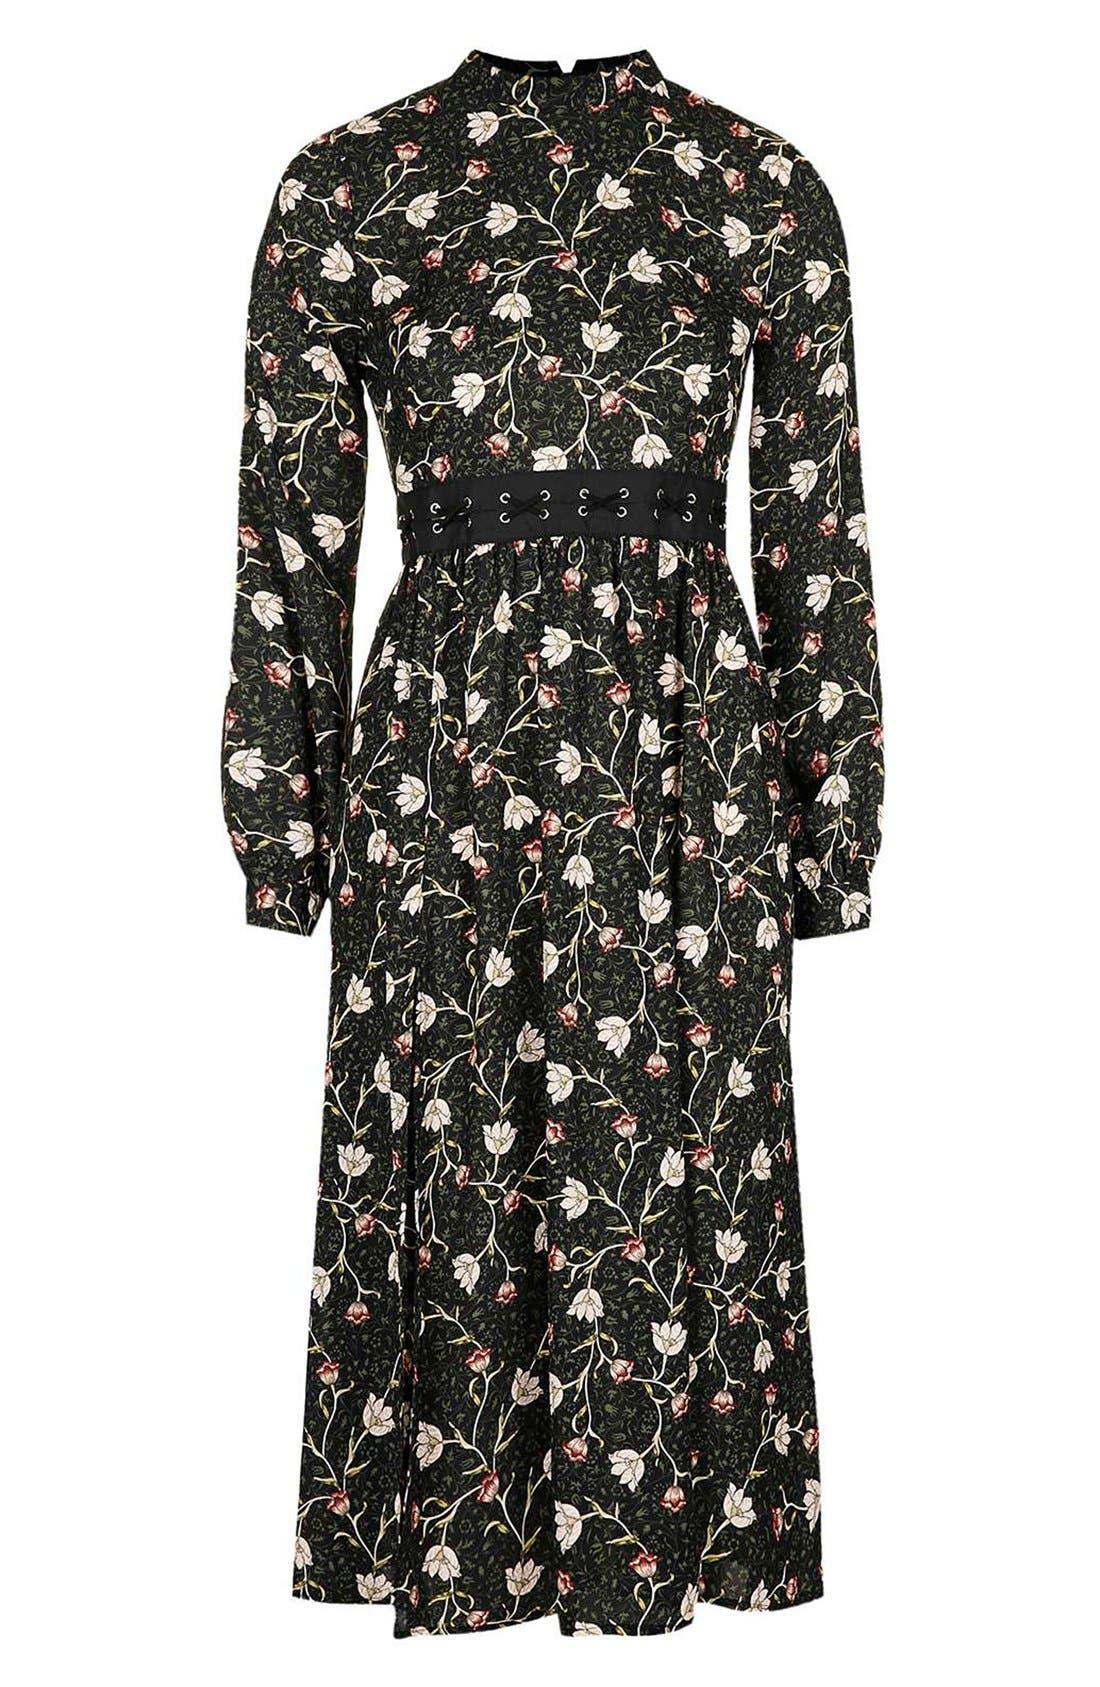 TOPSHOP, Tulip Print Midi Dress, Alternate thumbnail 2, color, 301